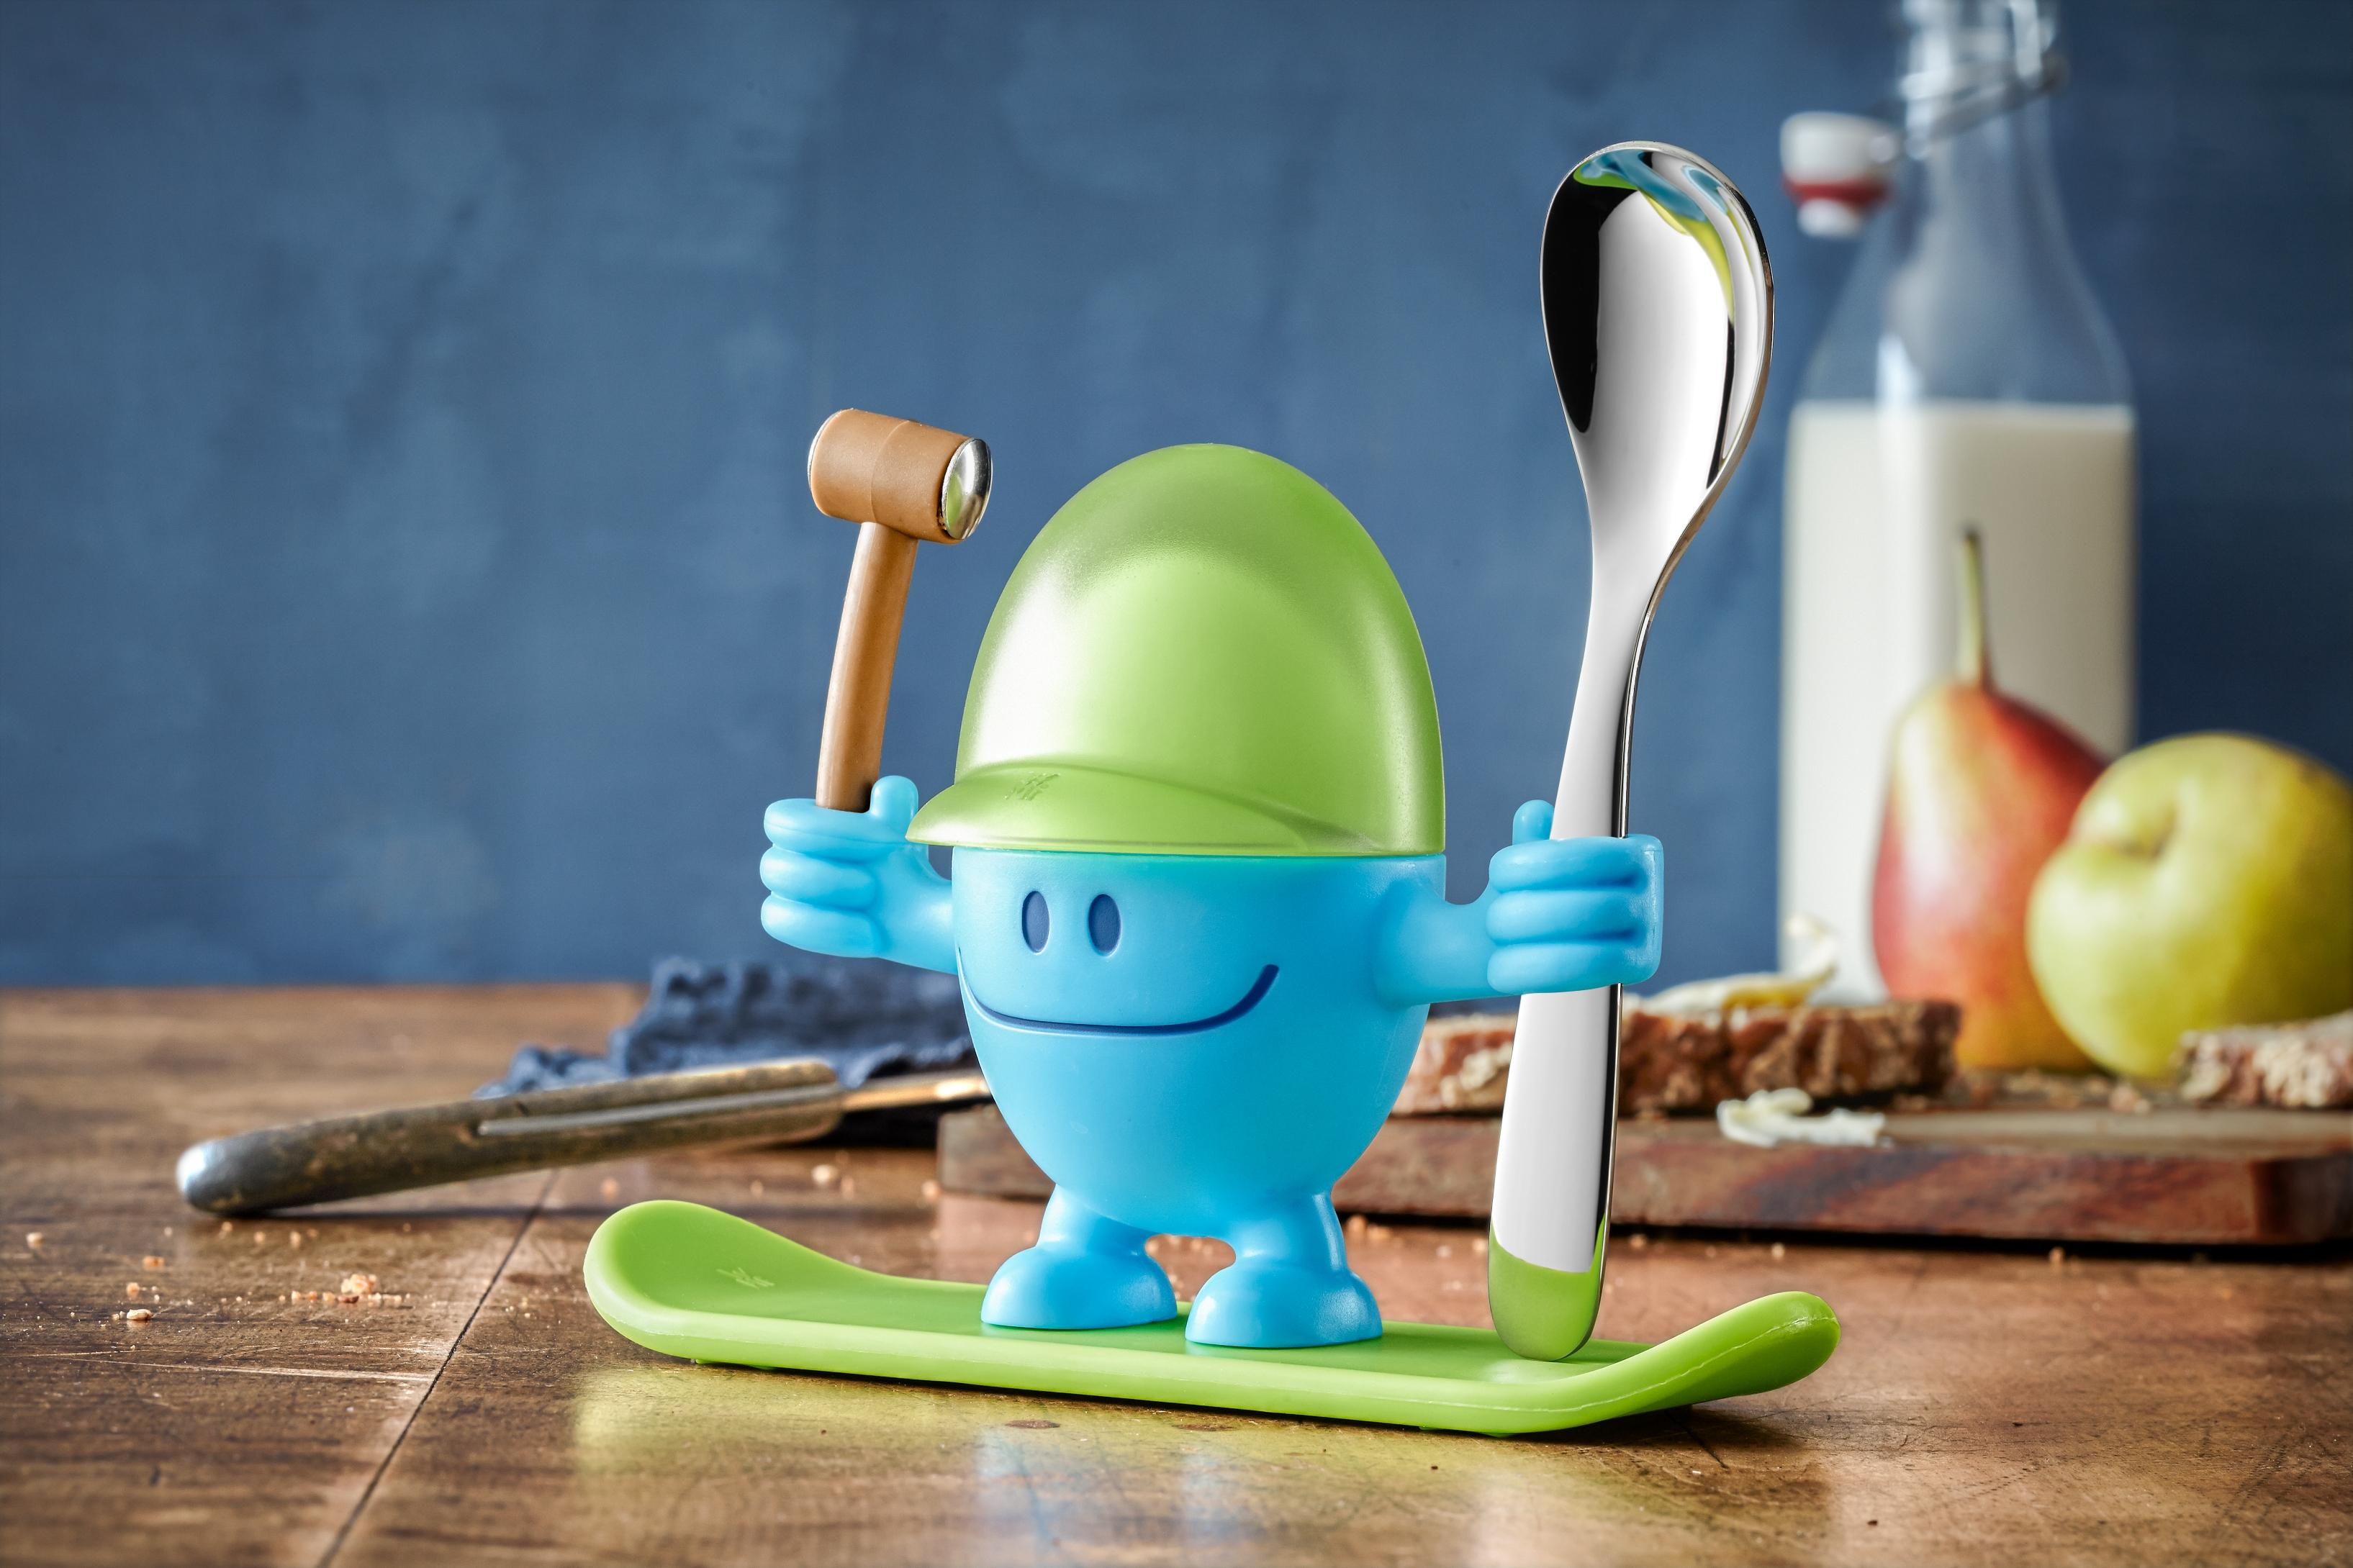 WMF Çocuklar için Yumurtalık Seti: Öğünler keyfe dönüşüyor!